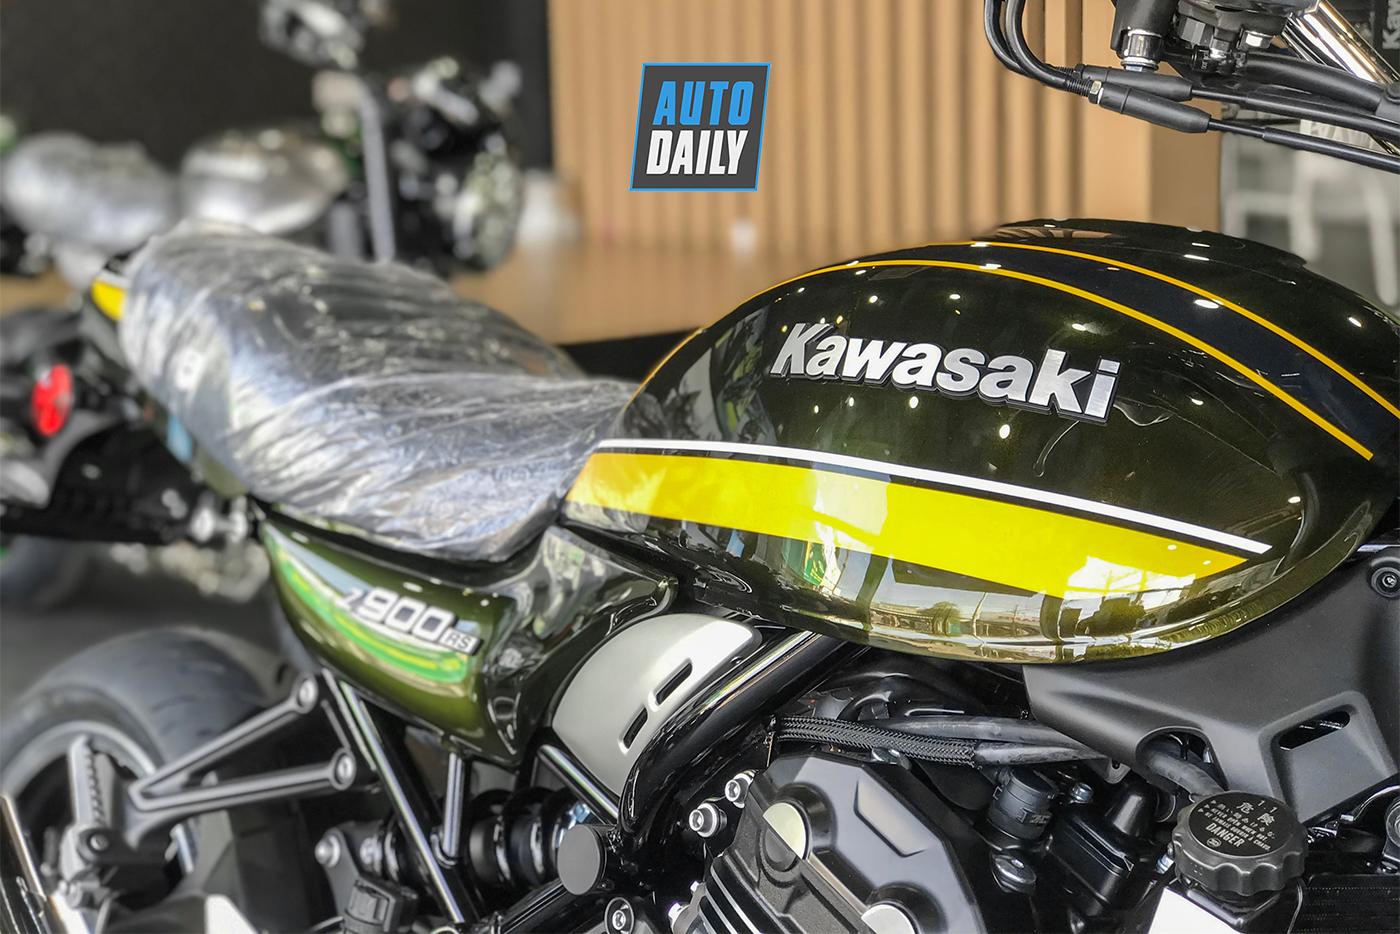 kawasaki-z900rs-2020-14.jpg